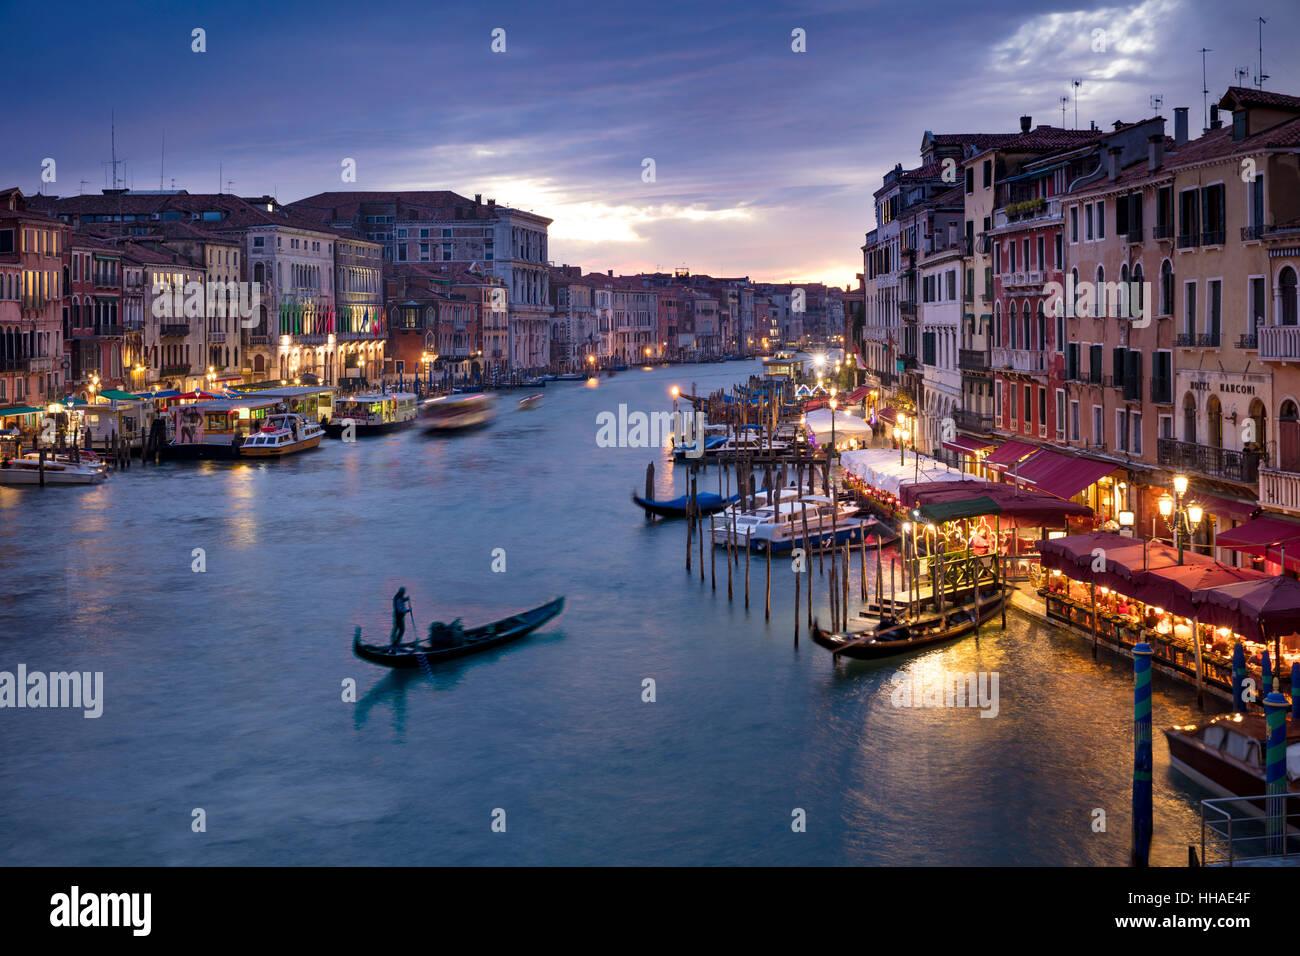 Soirée colorée sur le Grand Canal et de la ville de Venice, Veneto, Italie Photo Stock